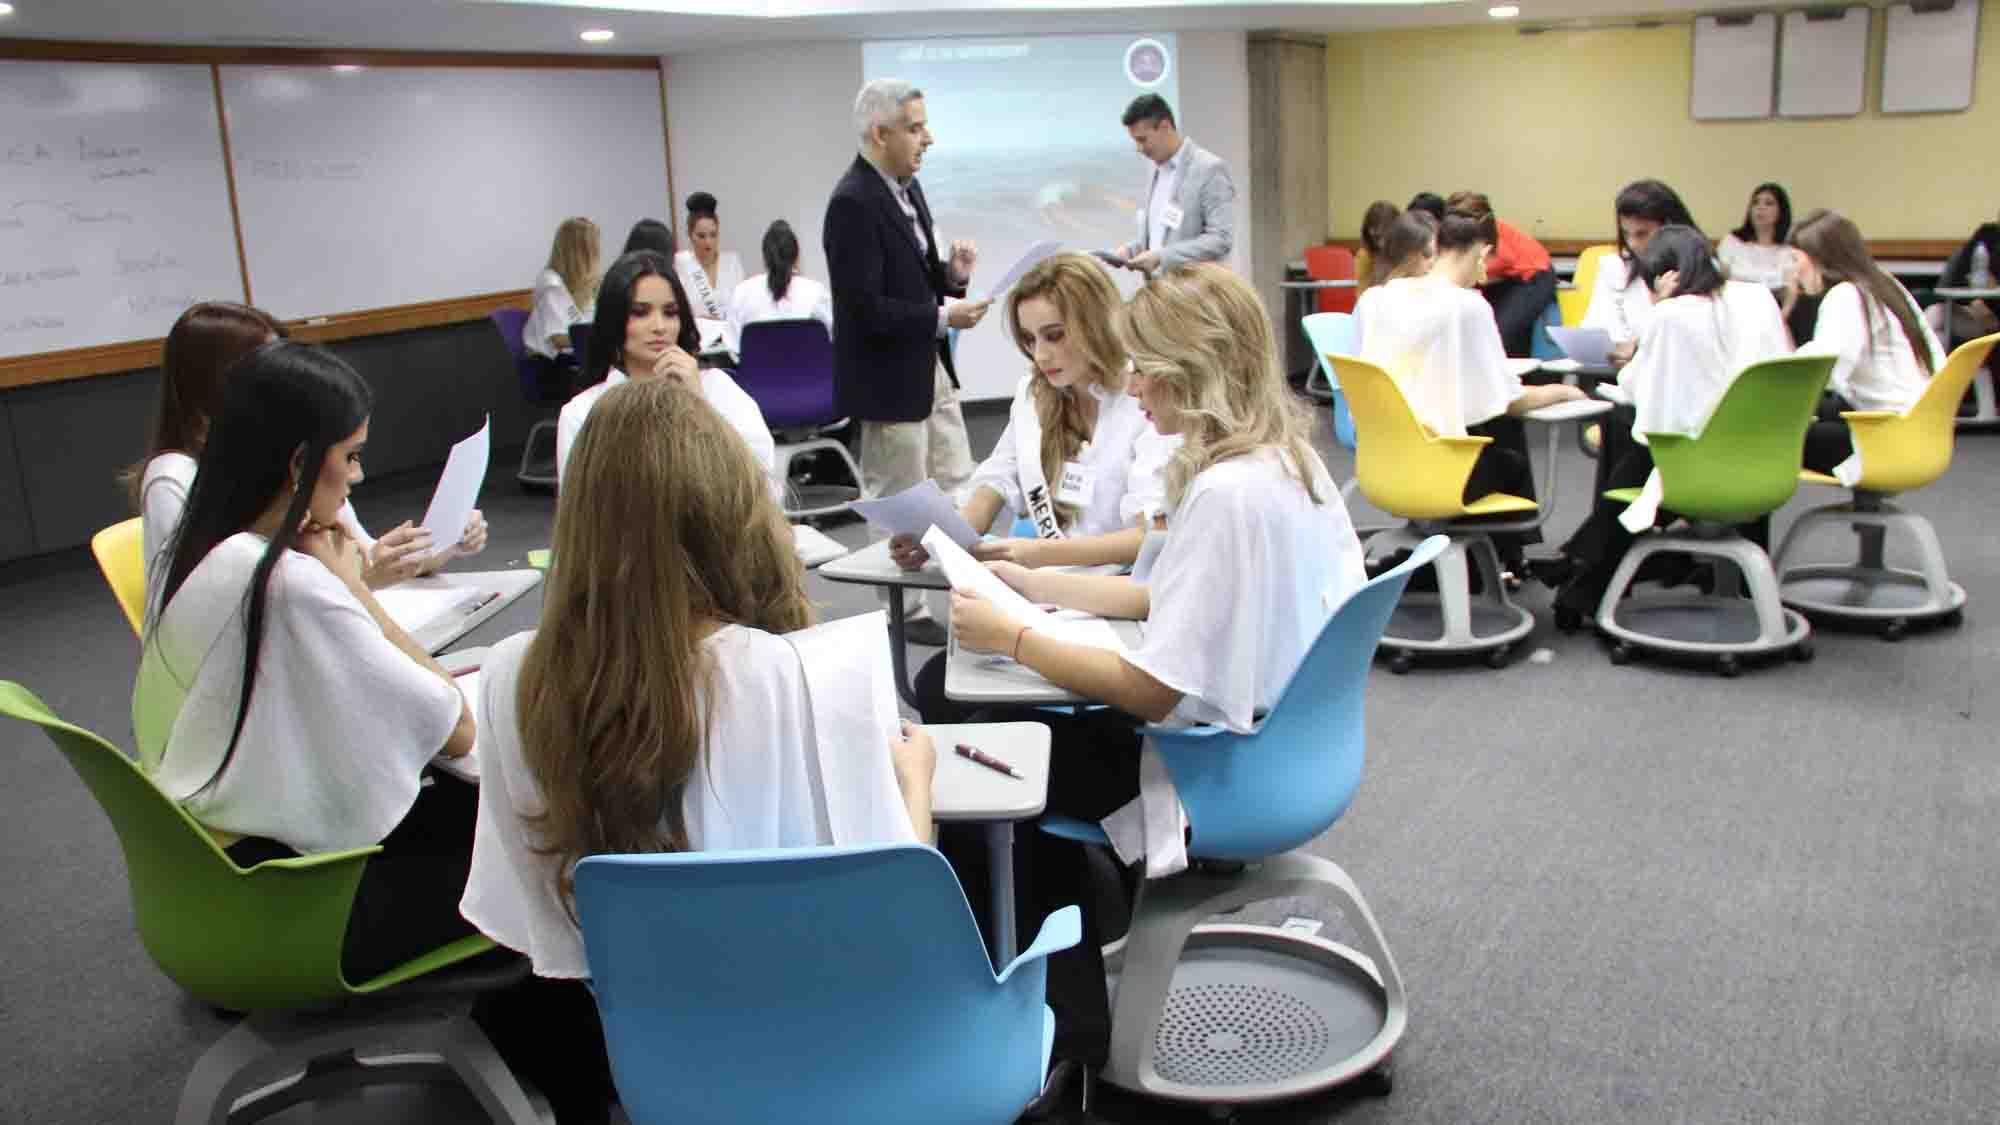 De la mano de profesores de la institución y de emprendedoras venezolanas, las misses conocieron de liderazgo y habilidades para el progreso